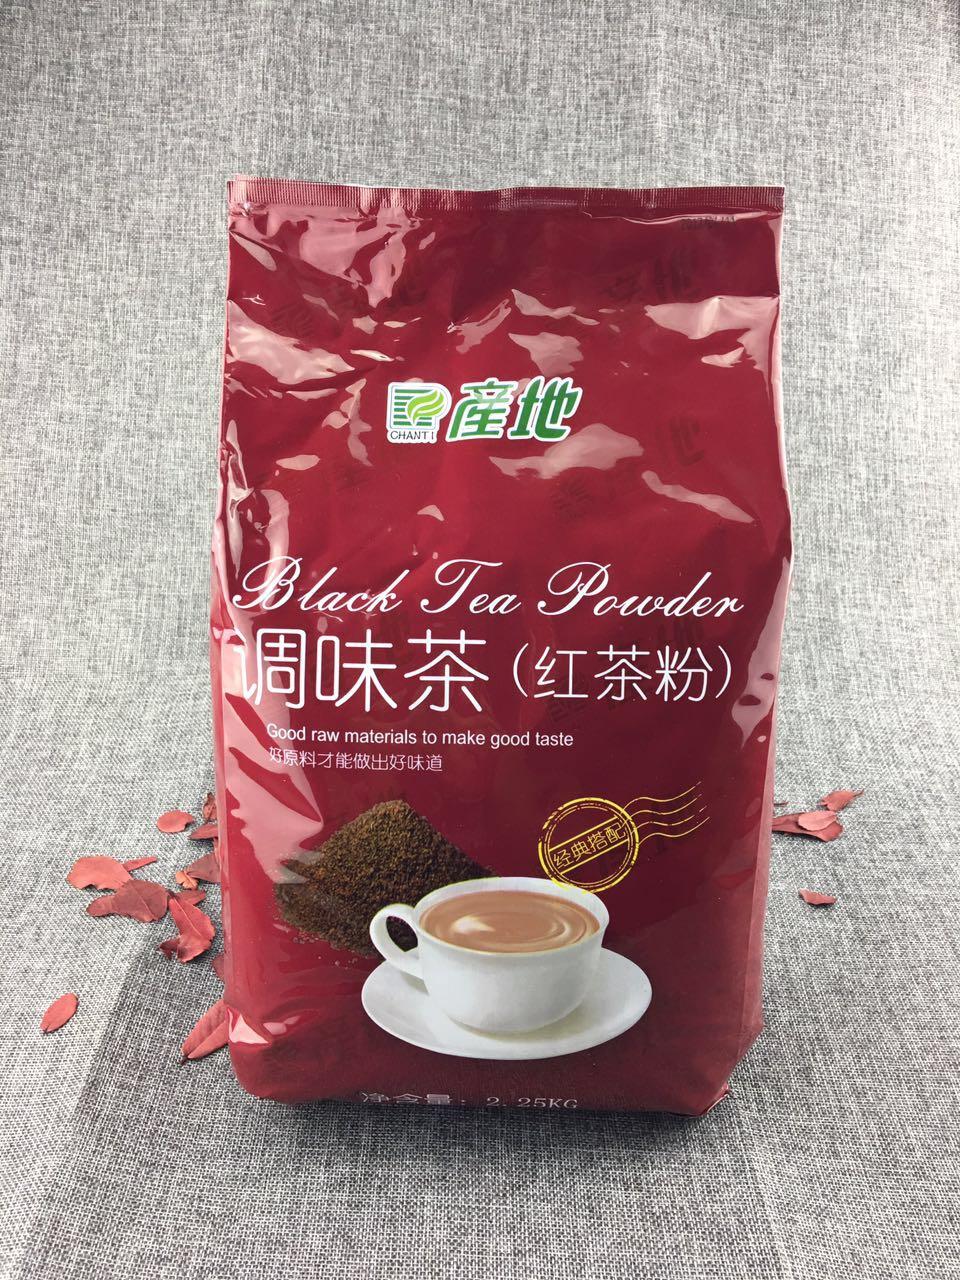 产地特调锡兰红茶粉 克 2250 红茶粉 产地调味茶